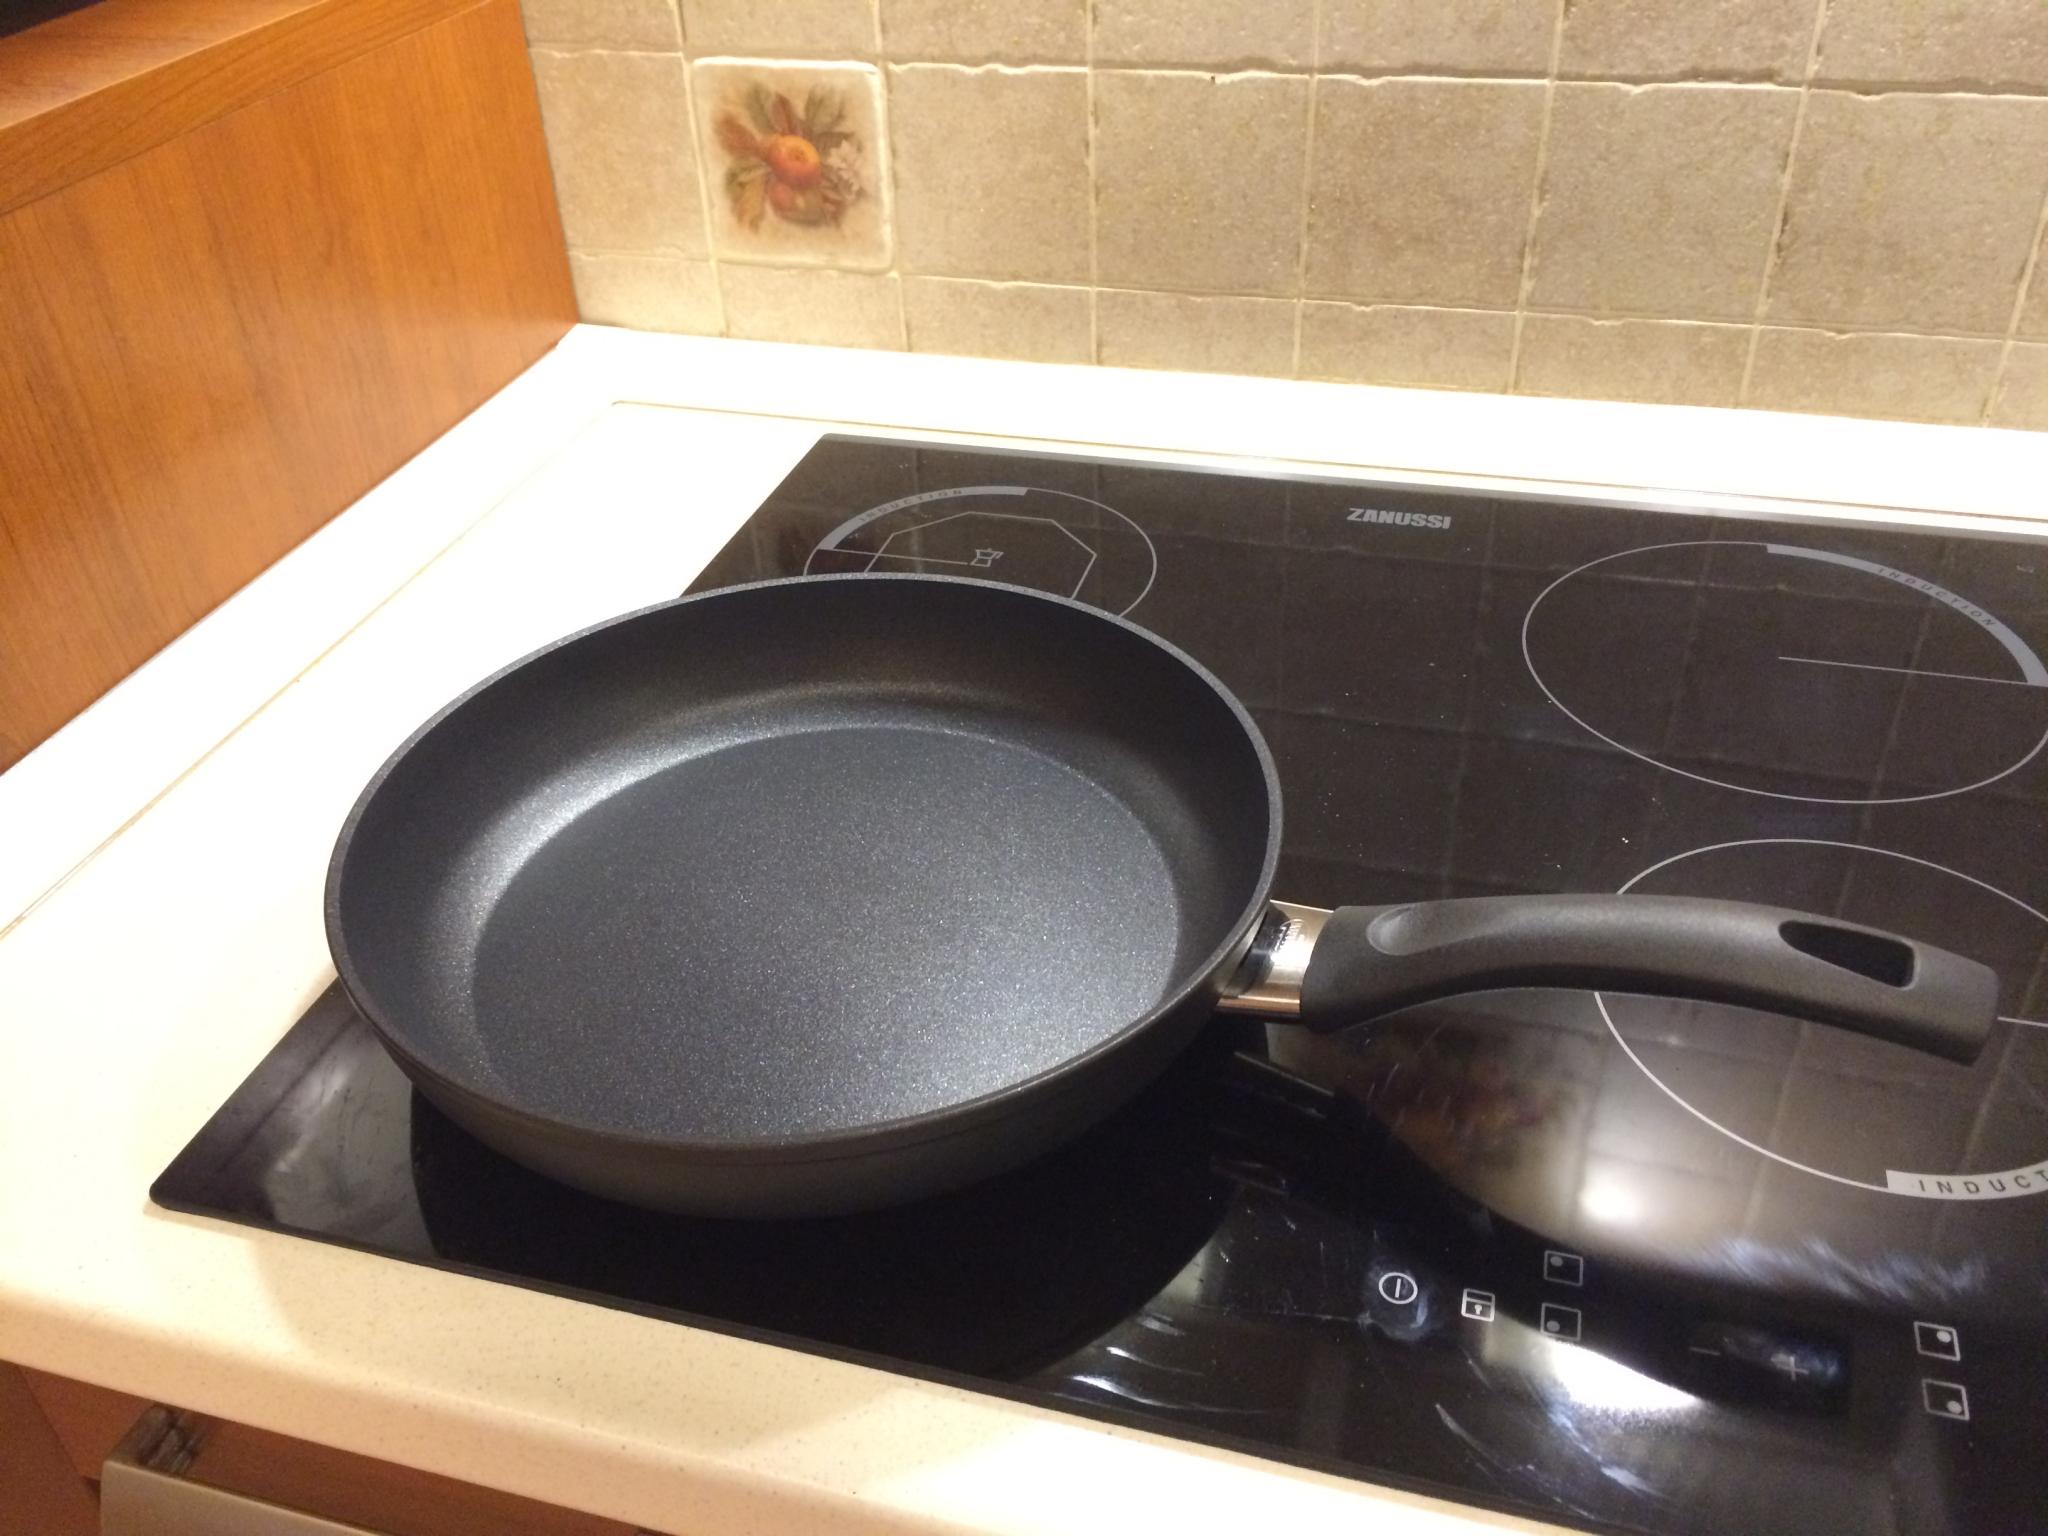 тефлоновая сковорода на плите